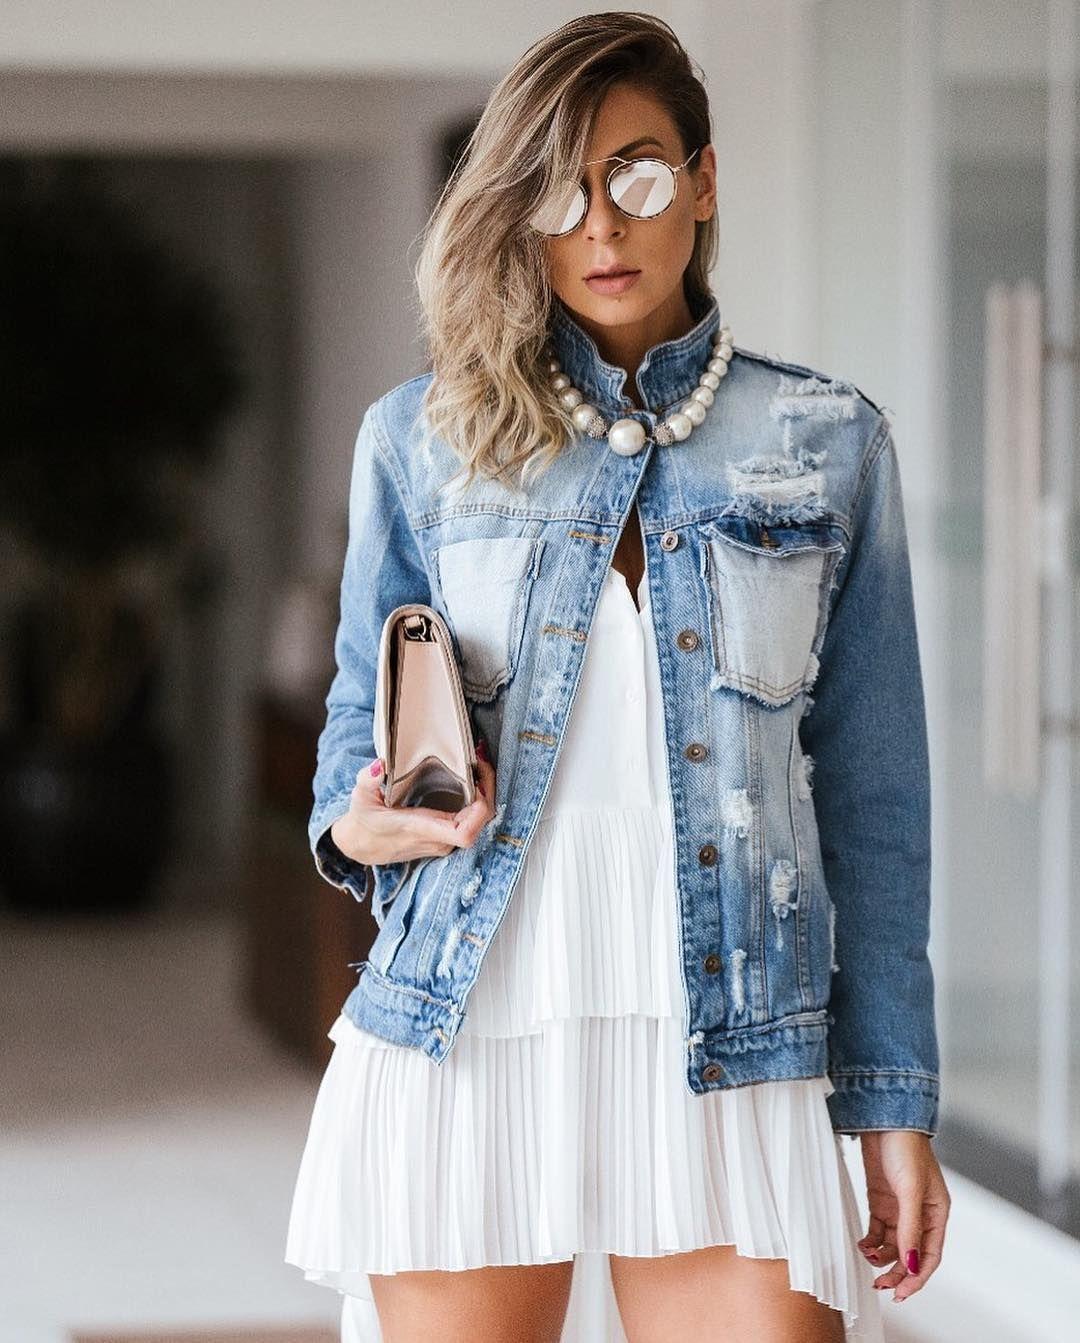 102de3fc8 Morning 💗 Princesas da Vida Real 👑 #jeans #jaqueta #jaquetajeans #degrant